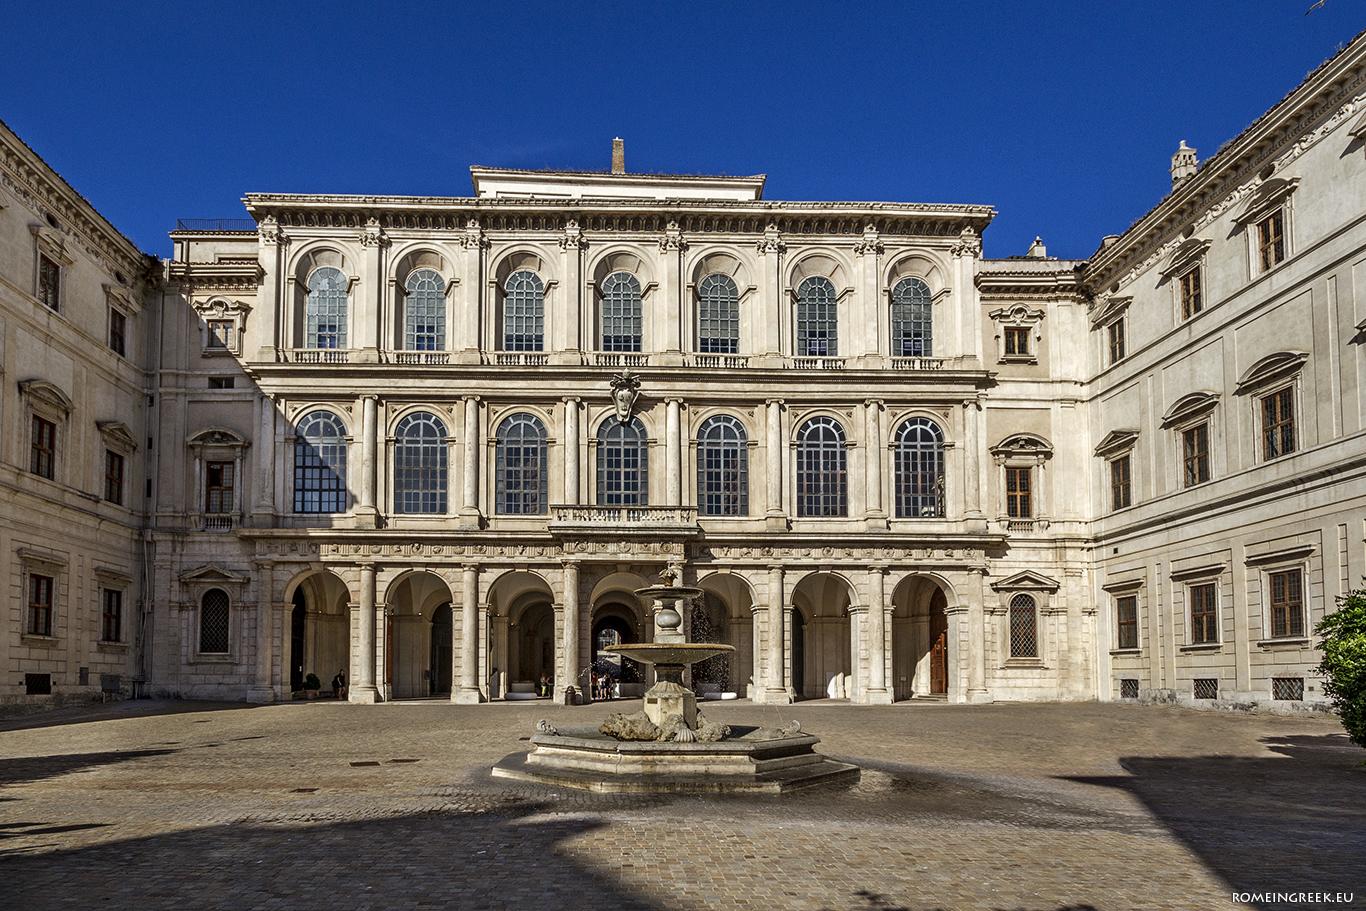 Παλάτσο Μπαρμπερίνι, η σημερινή είσοδος, άλλοτε είσοδος προς τον κήπο.